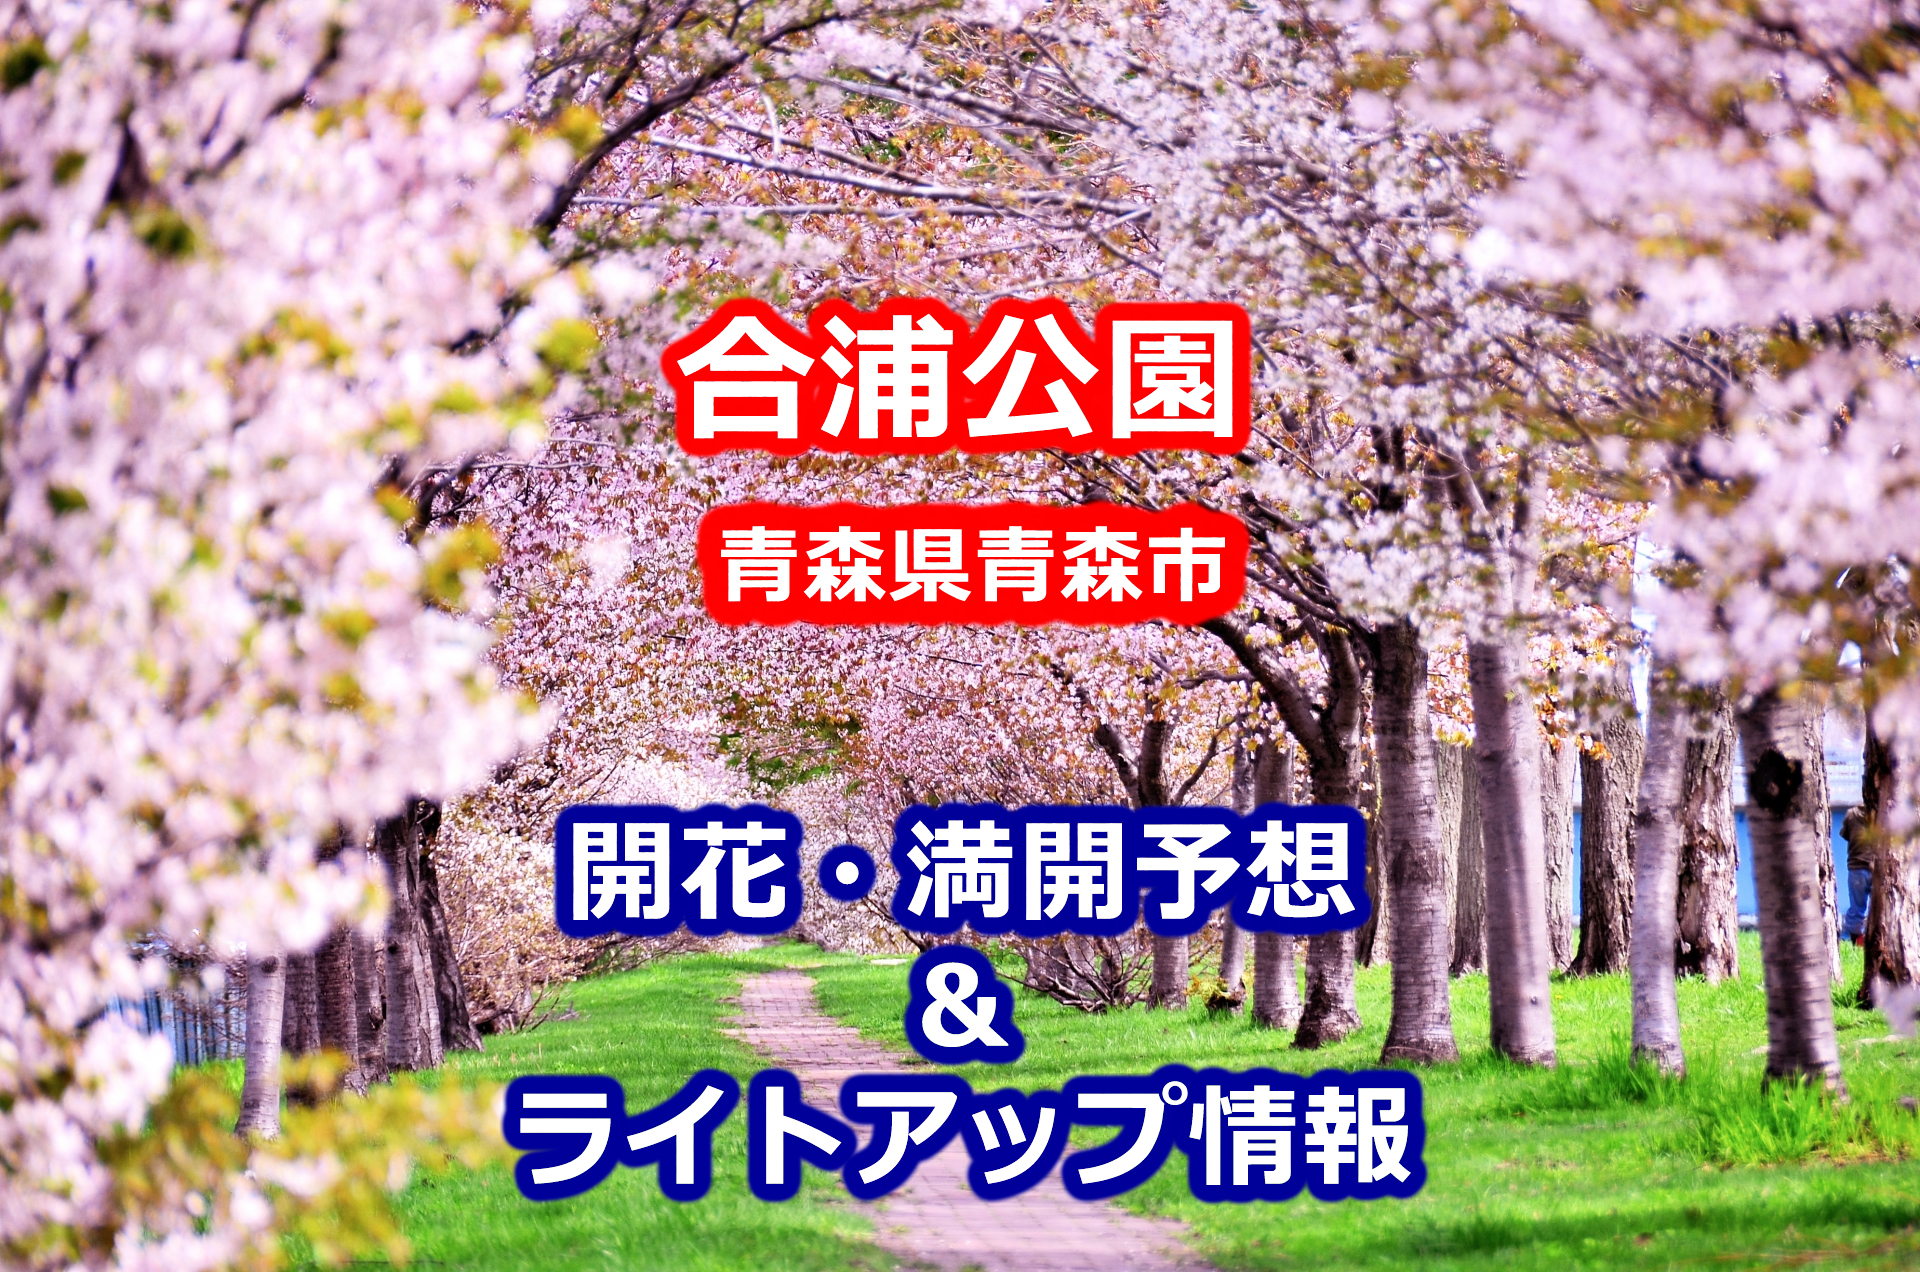 2020合浦公園の桜開花・満開予想と桜まつり期間・ライトアップ情報